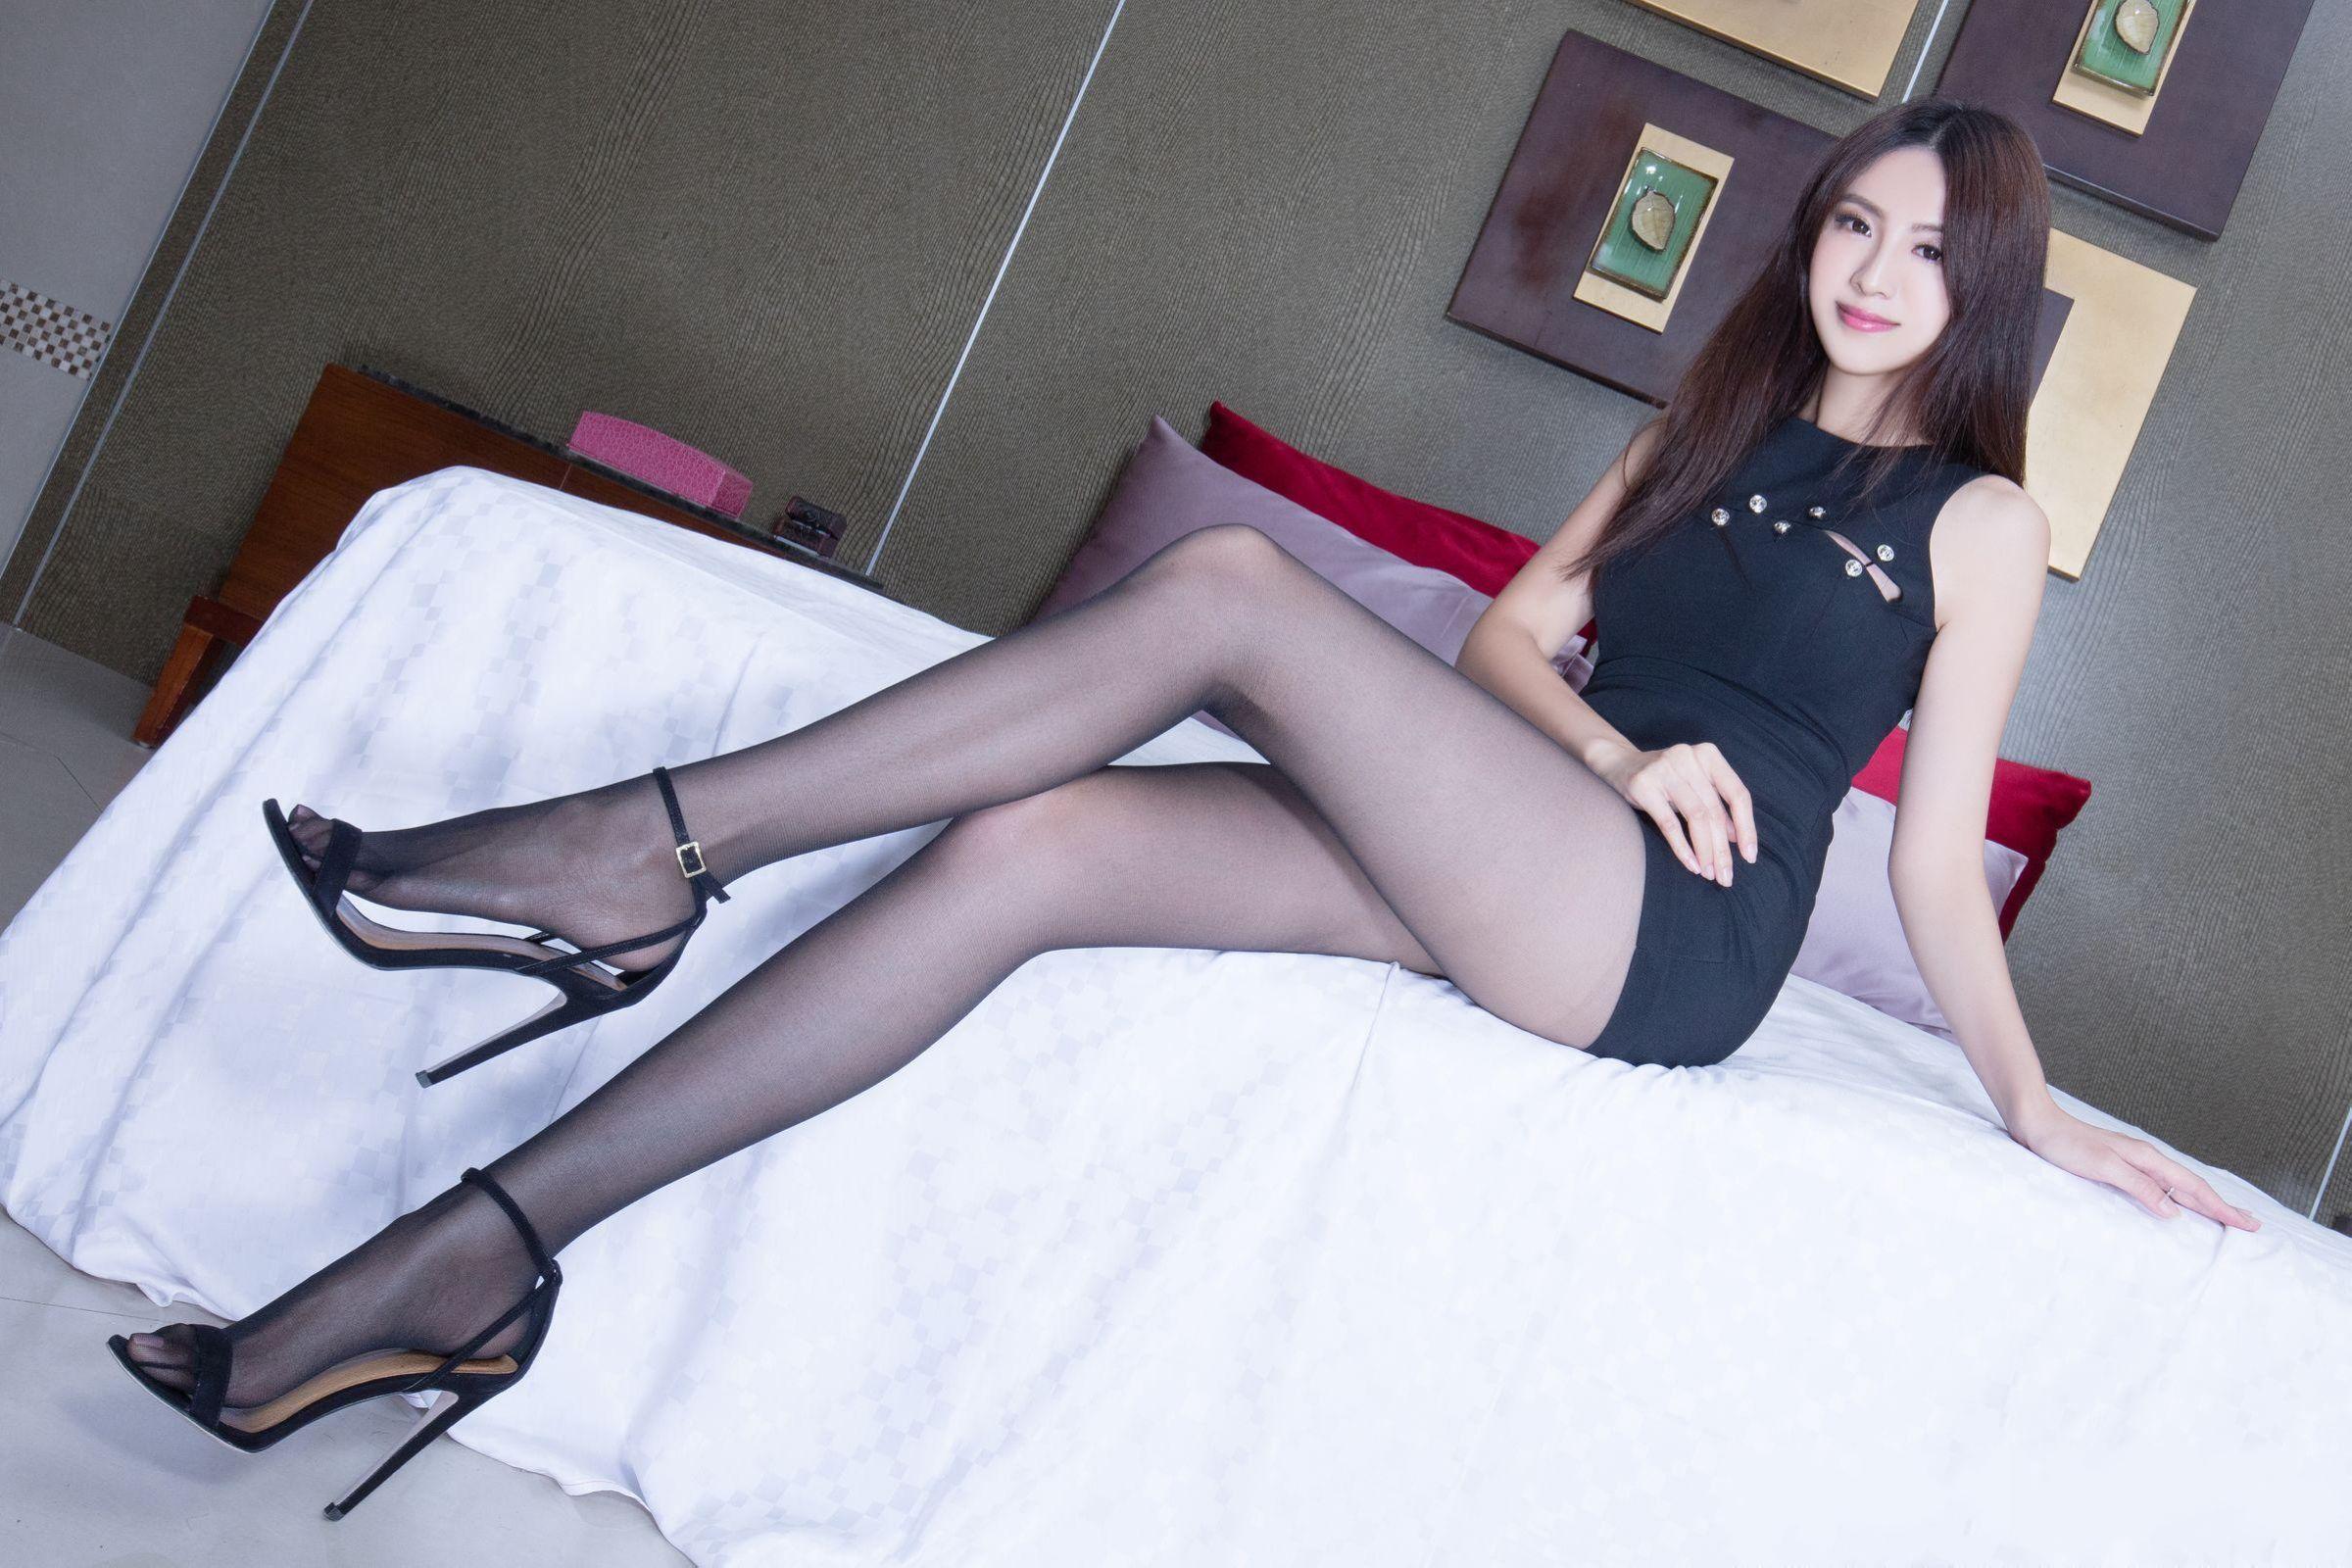 亚洲美女美脚图_亚洲美女vicni黑丝美腿翘臀诱惑高清美女写